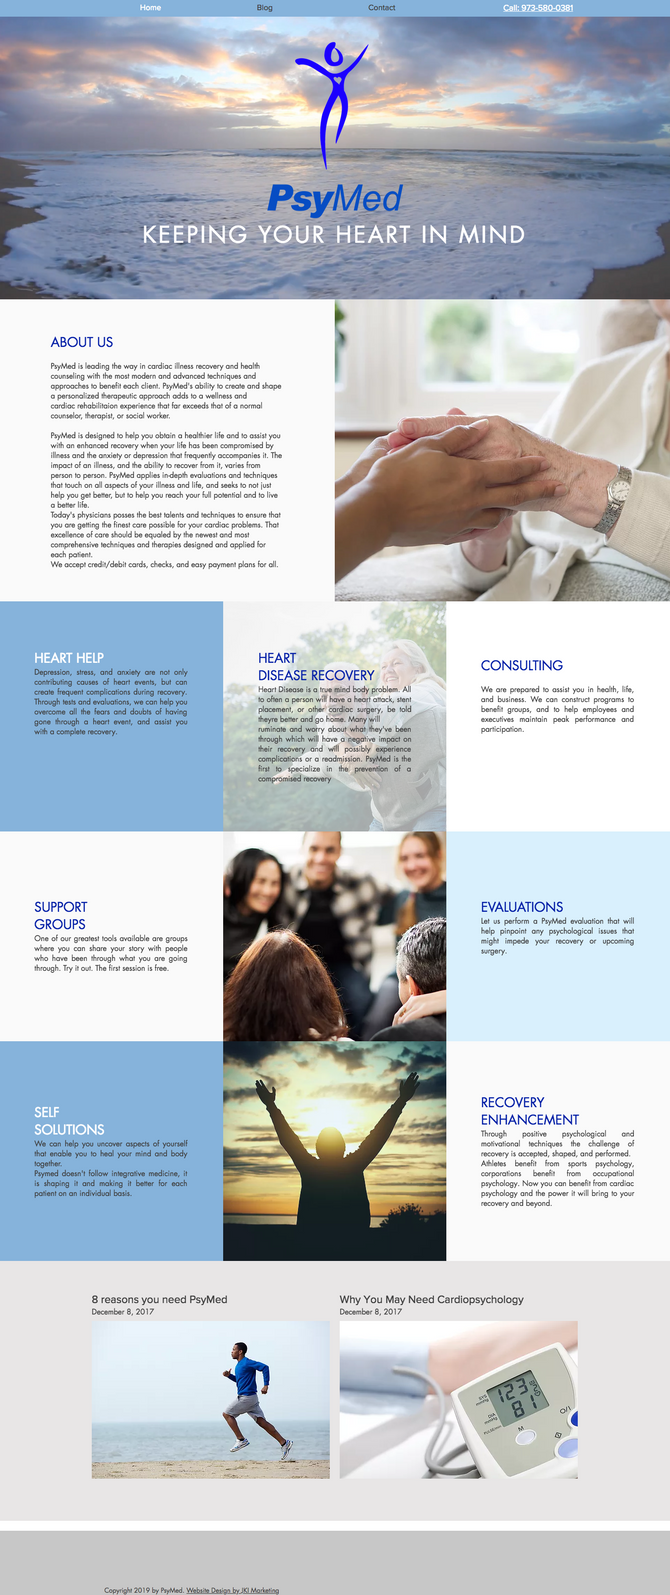 New Website Design for PsyMed Company